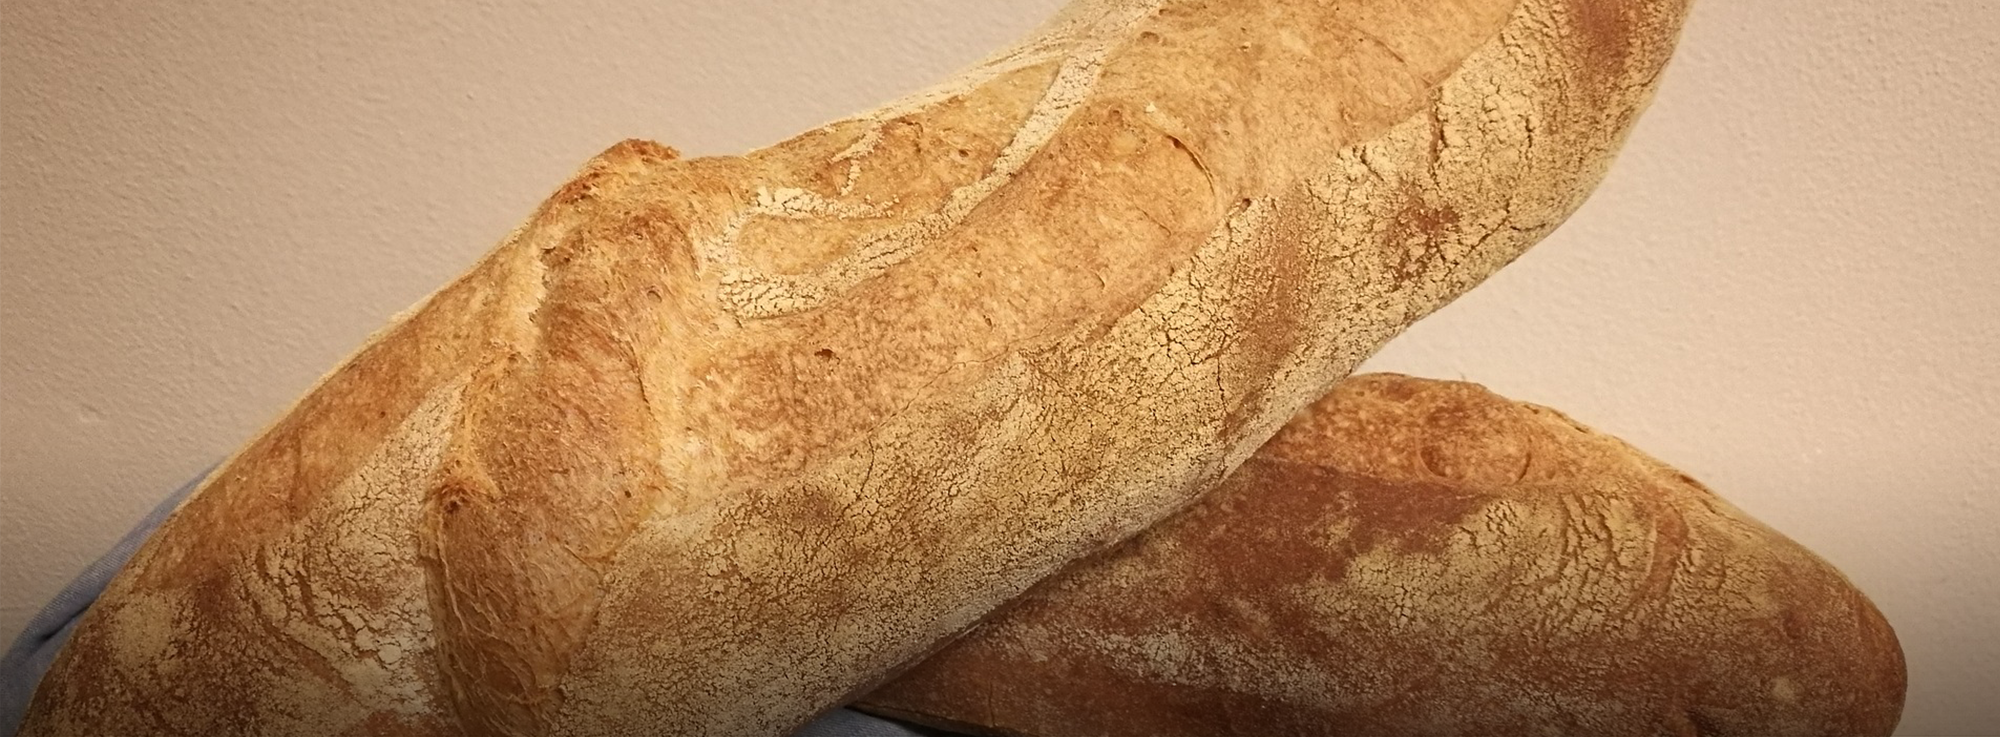 Ricetta: Pane con caciocavallo e tartufo